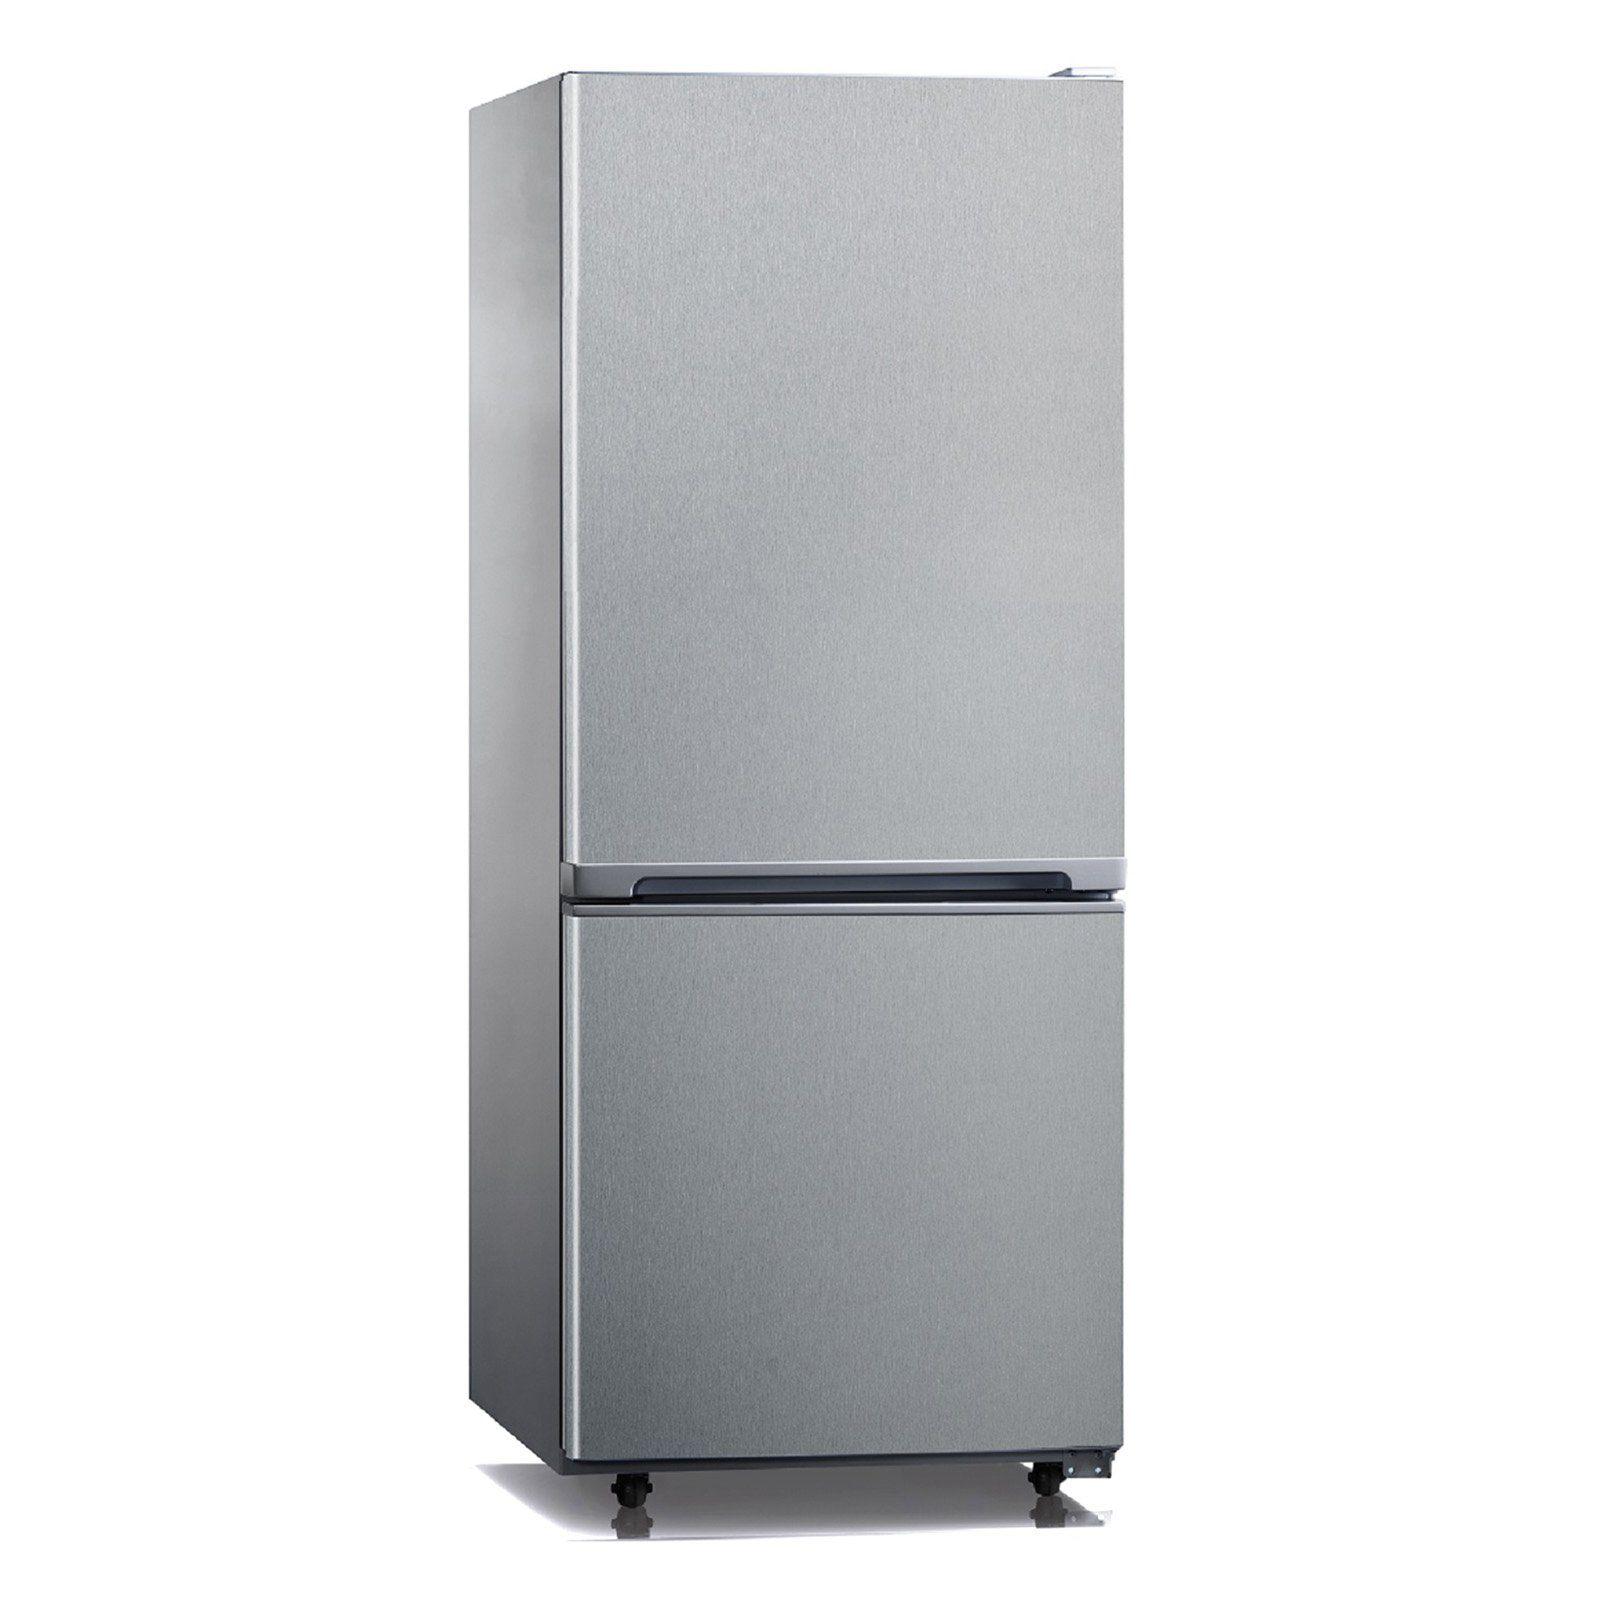 Equator-Midea 12 cu. ft. Top Freezer Apartment Refrigerator - White ...